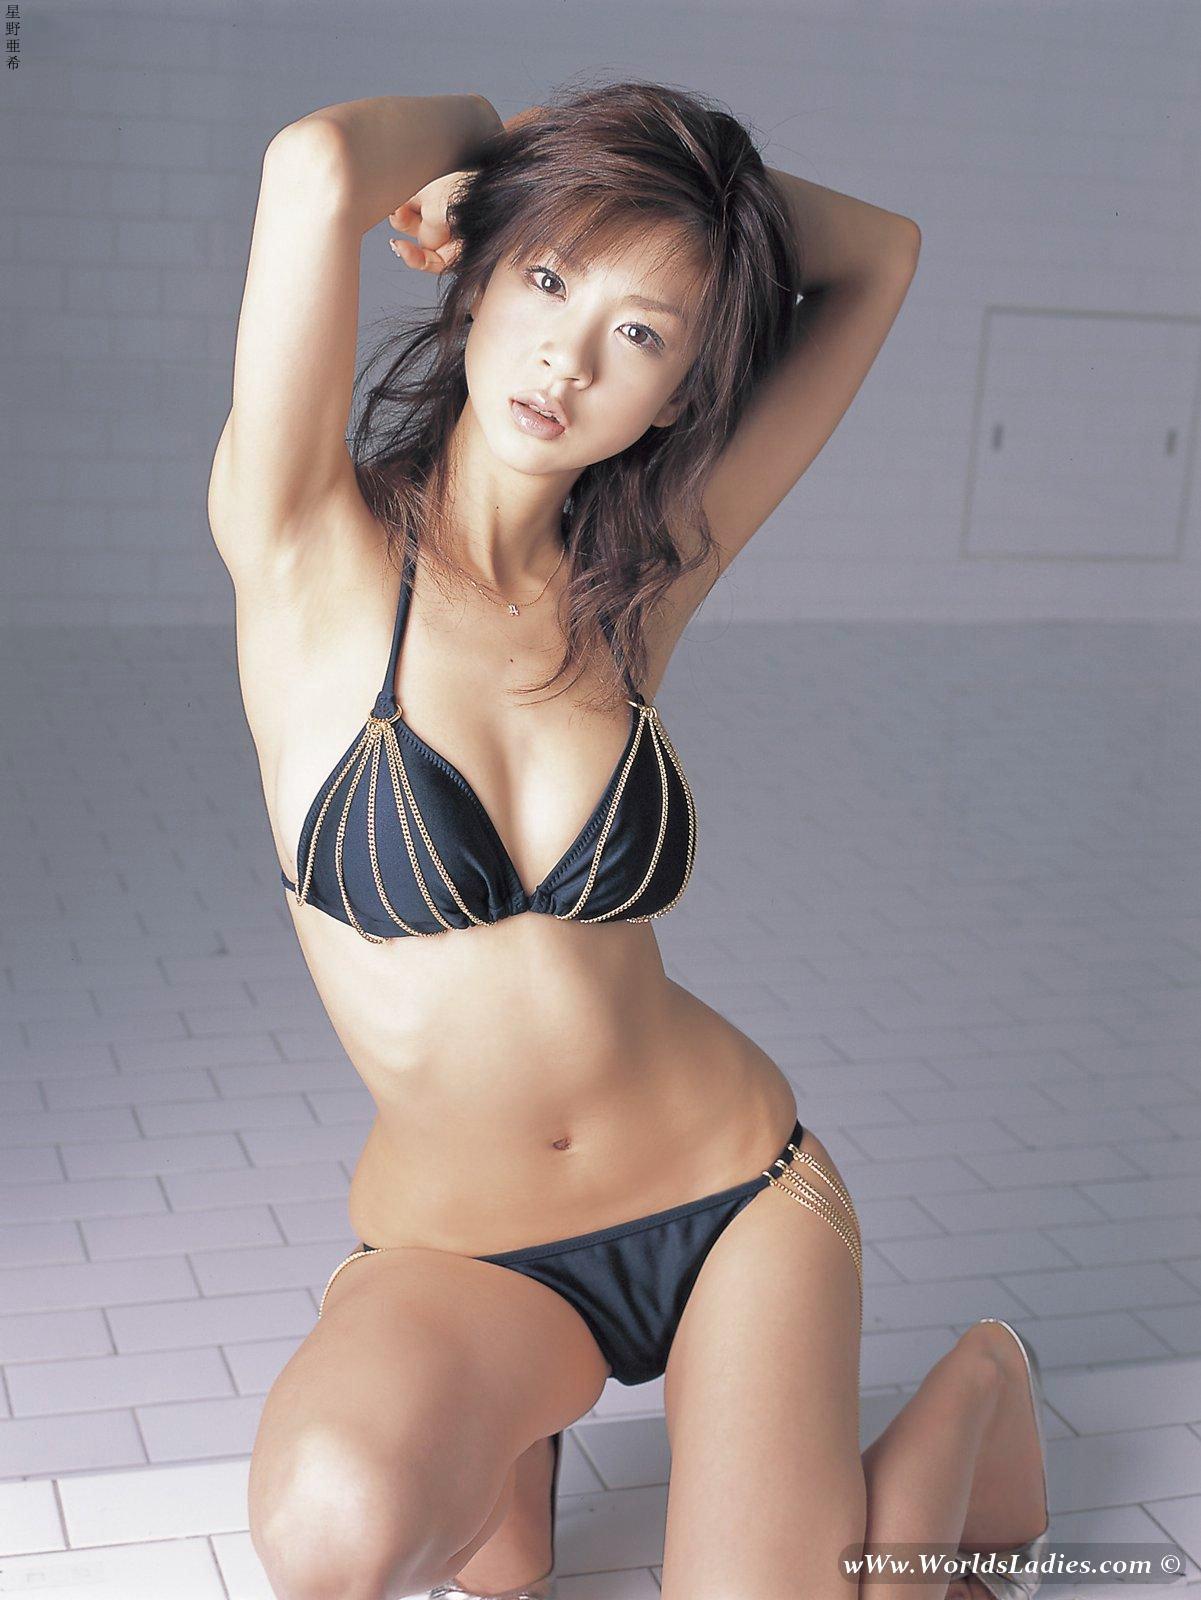 Aki Hoshino Photo Gallery